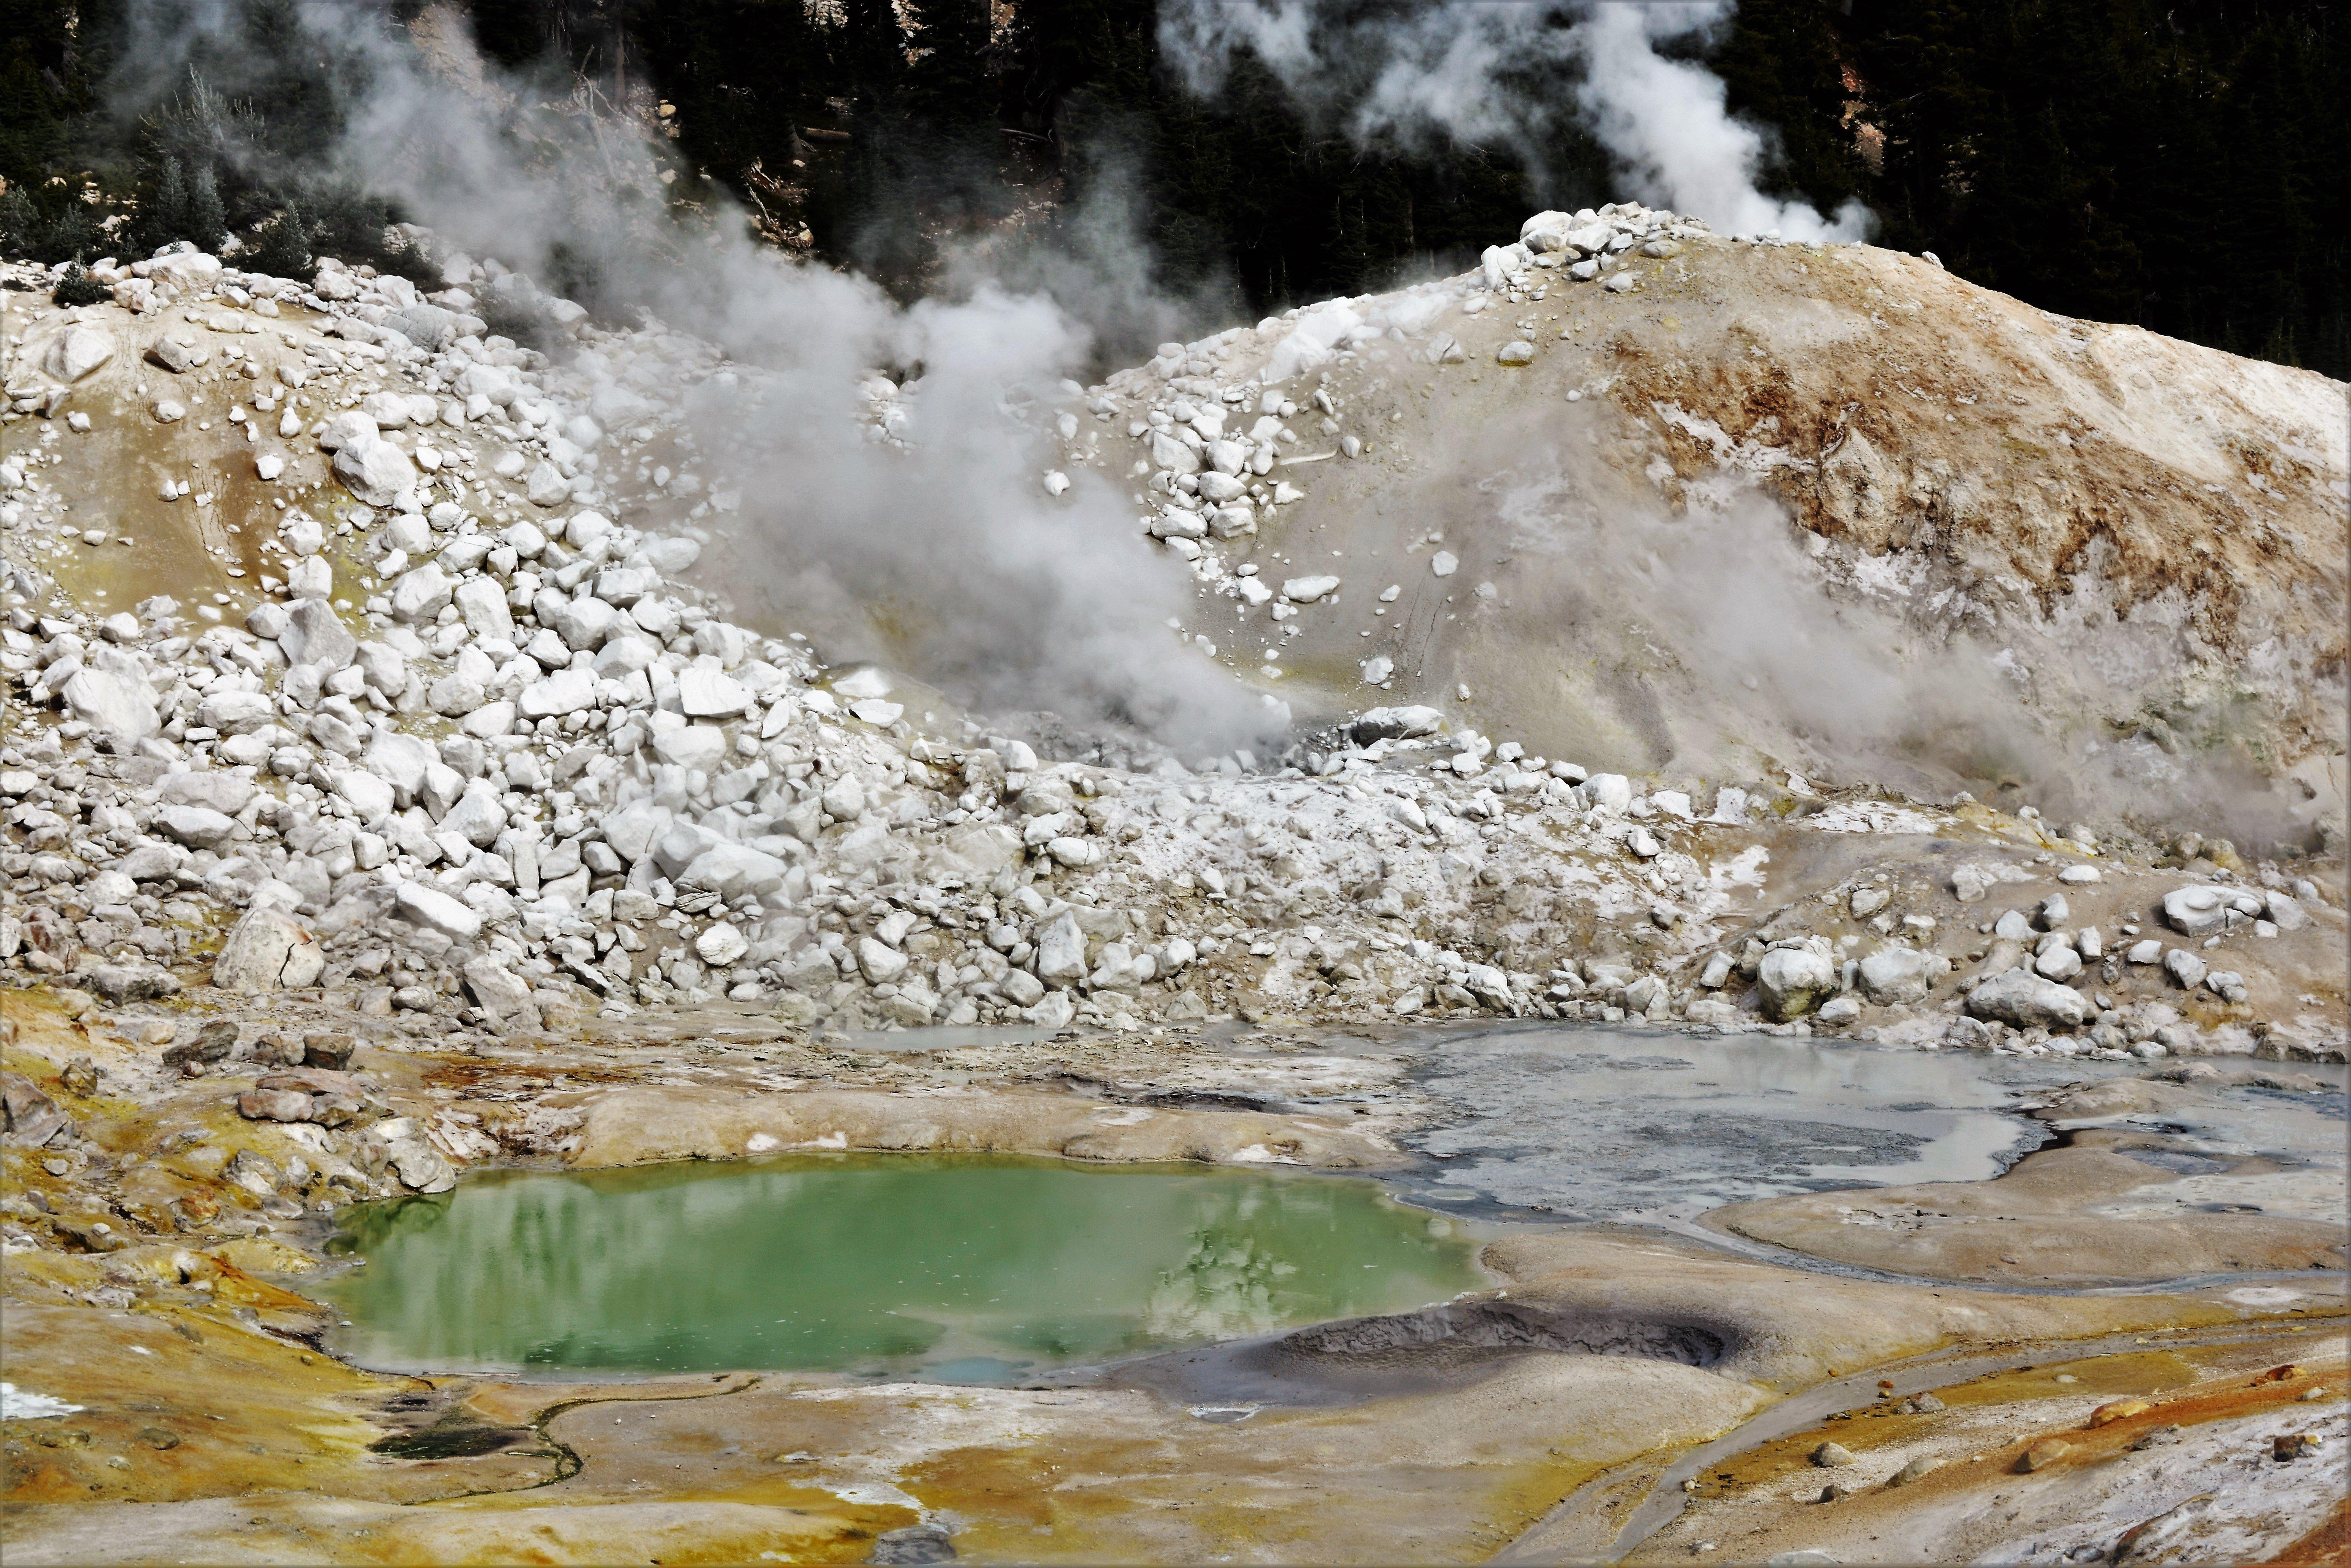 Bumpass Hell Lassen Volcanic Park   Sulfur and Steam 4K wallpaper 5974x3984